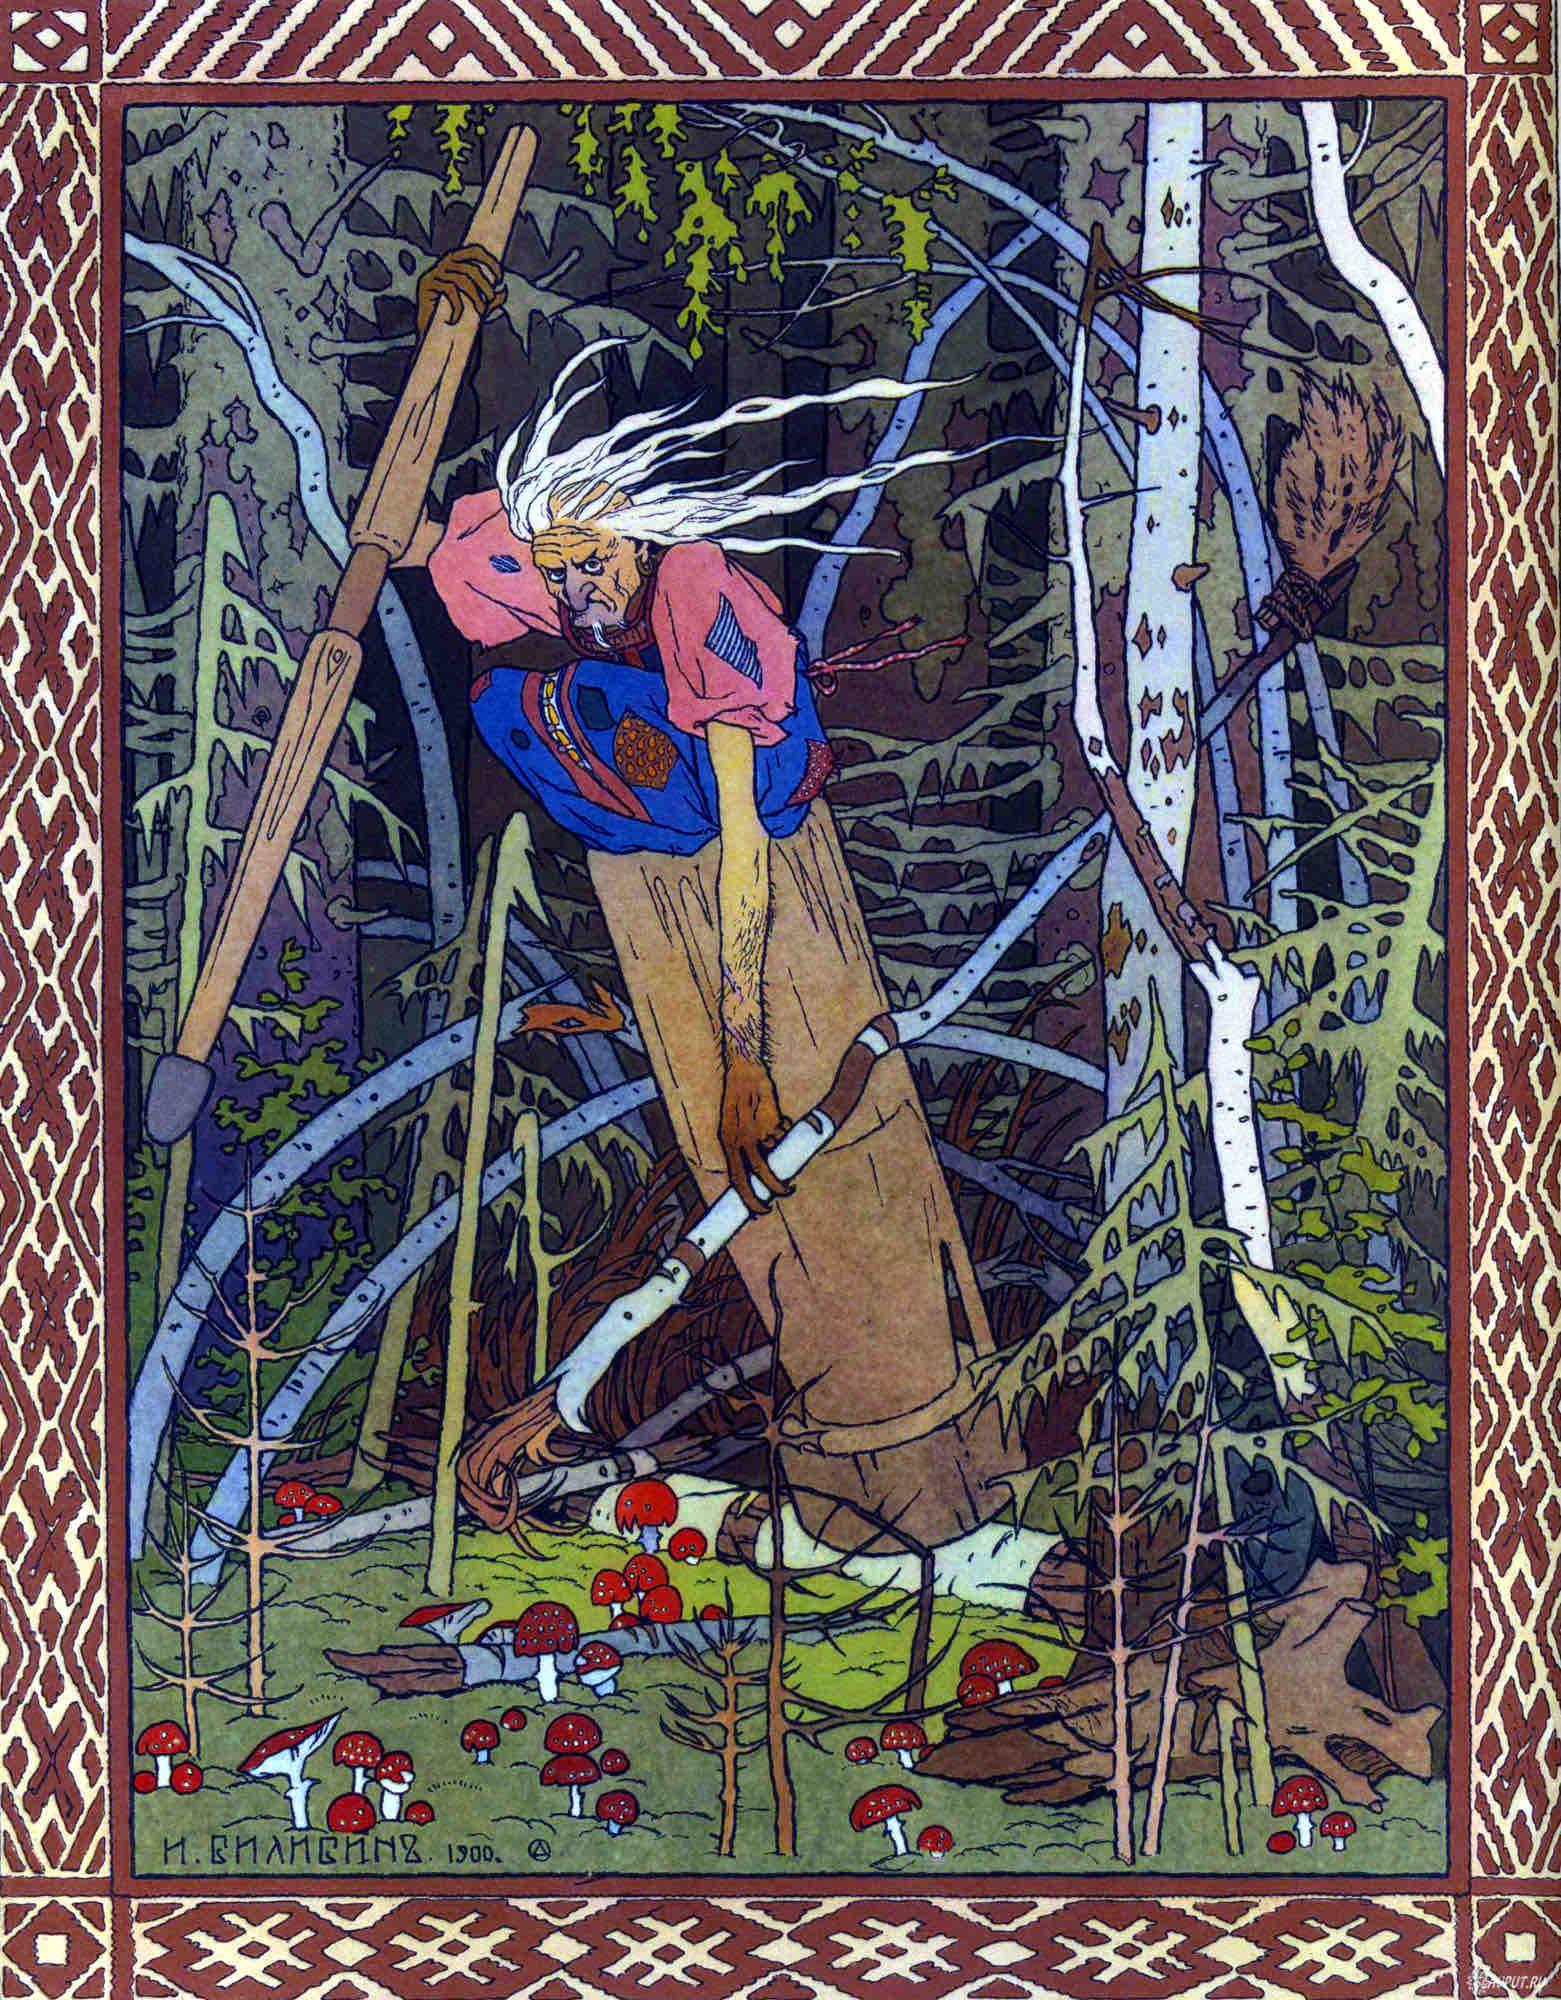 Baba Yaga volando en el bosque sobre su caldero mágico. Pintura de Ivan Bilibin.